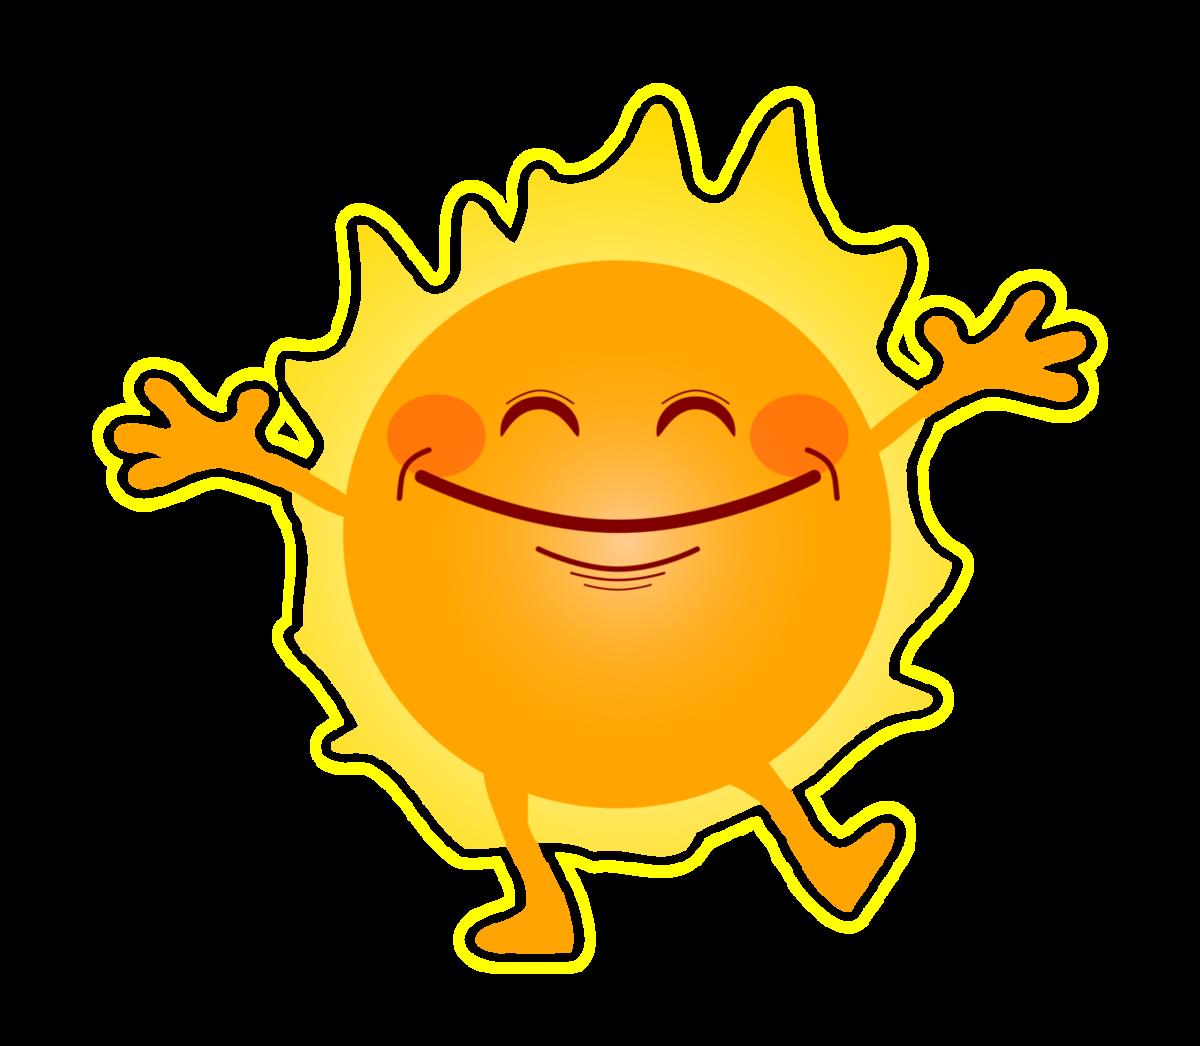 Открытки для, картинка с прикольным солнышком